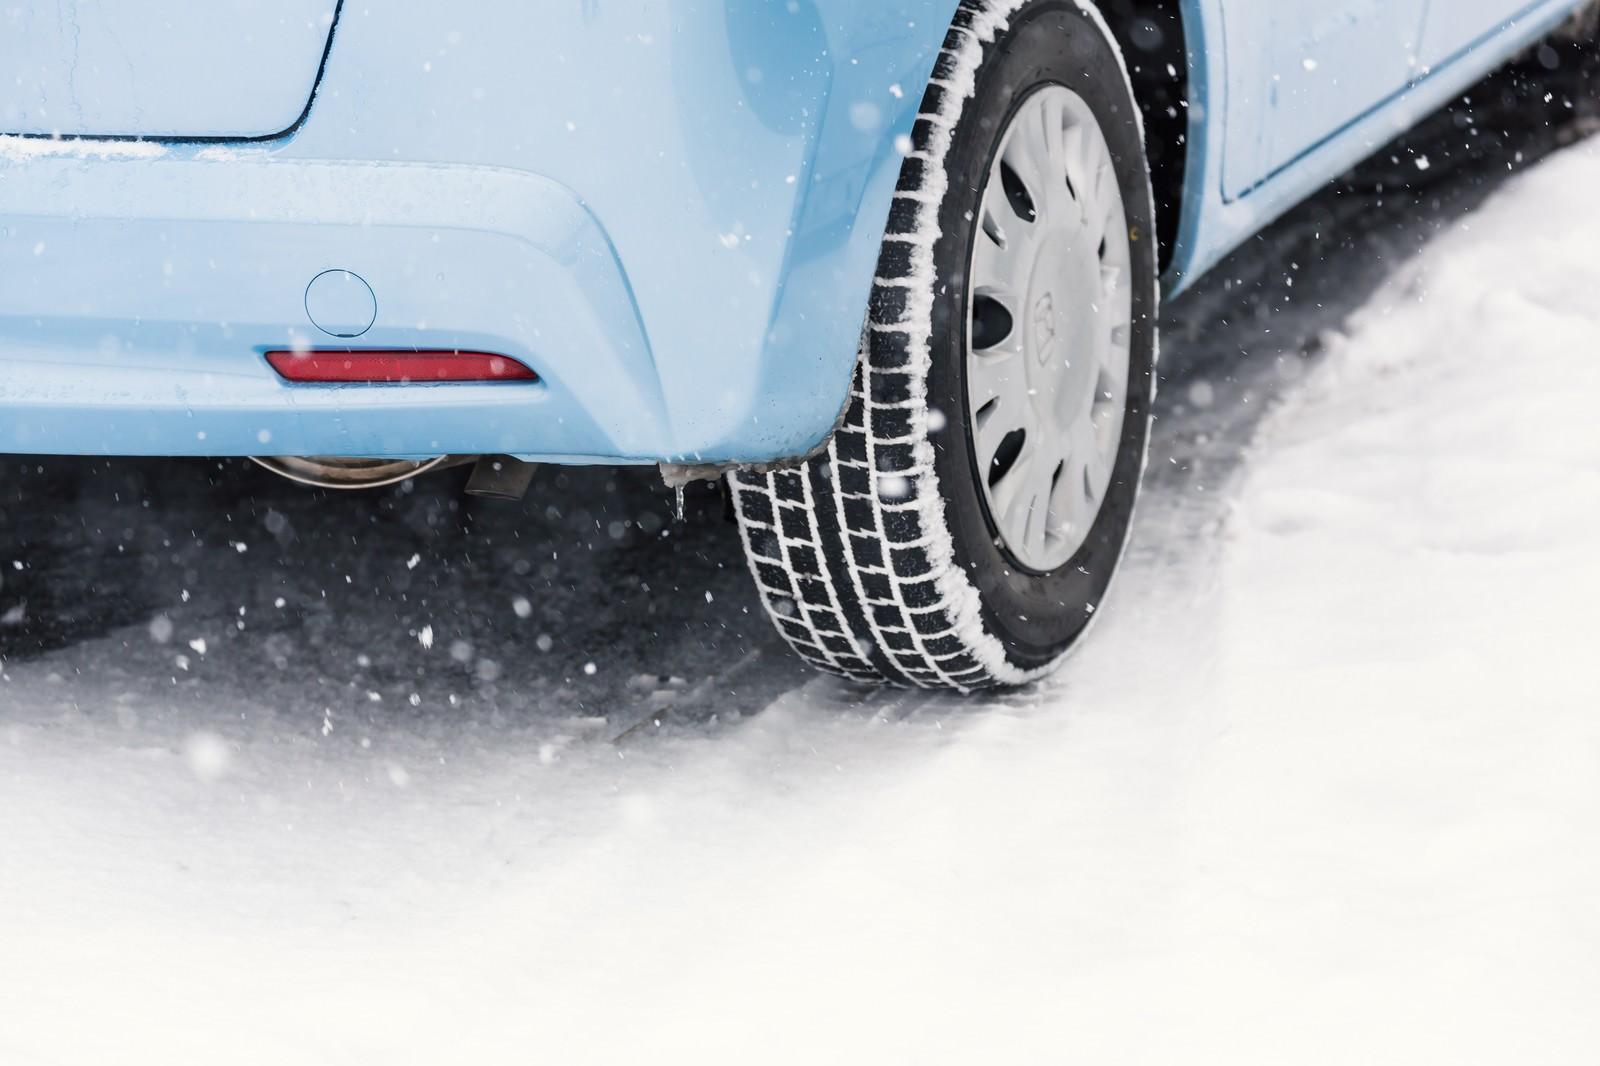 「雪道と車のスタッドレスタイヤ雪道と車のスタッドレスタイヤ」のフリー写真素材を拡大